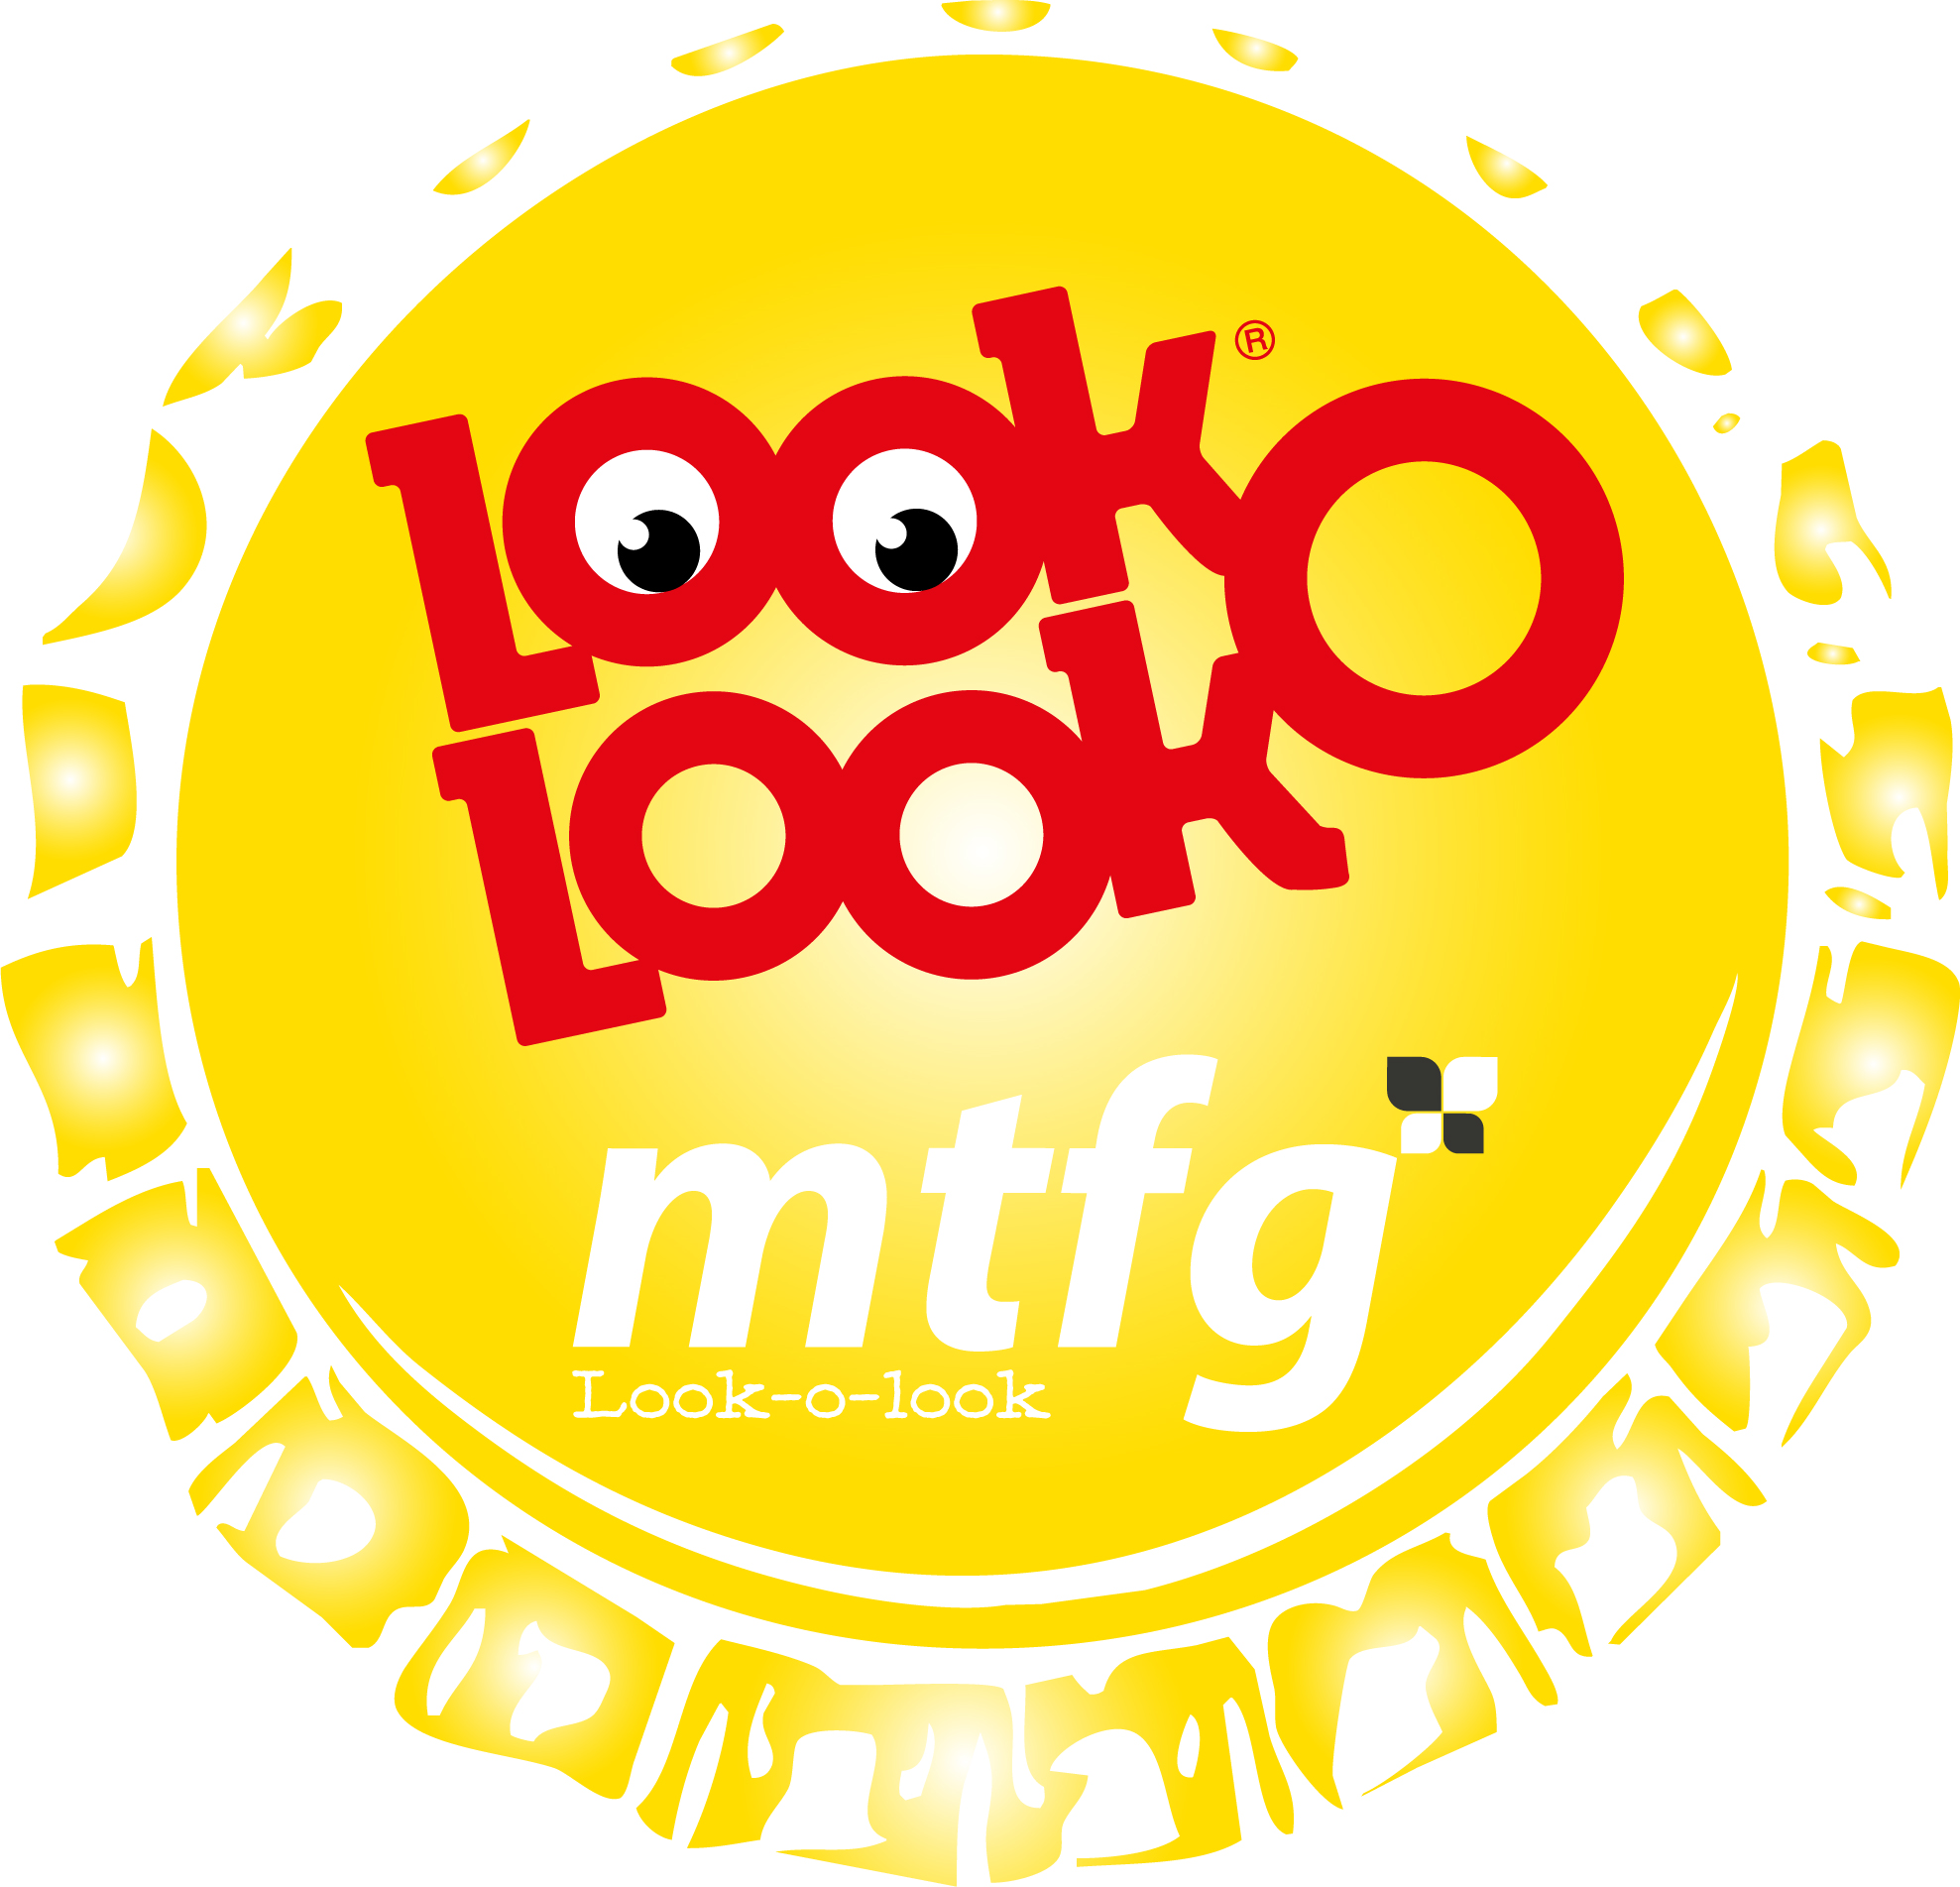 MTFG Look-o-look